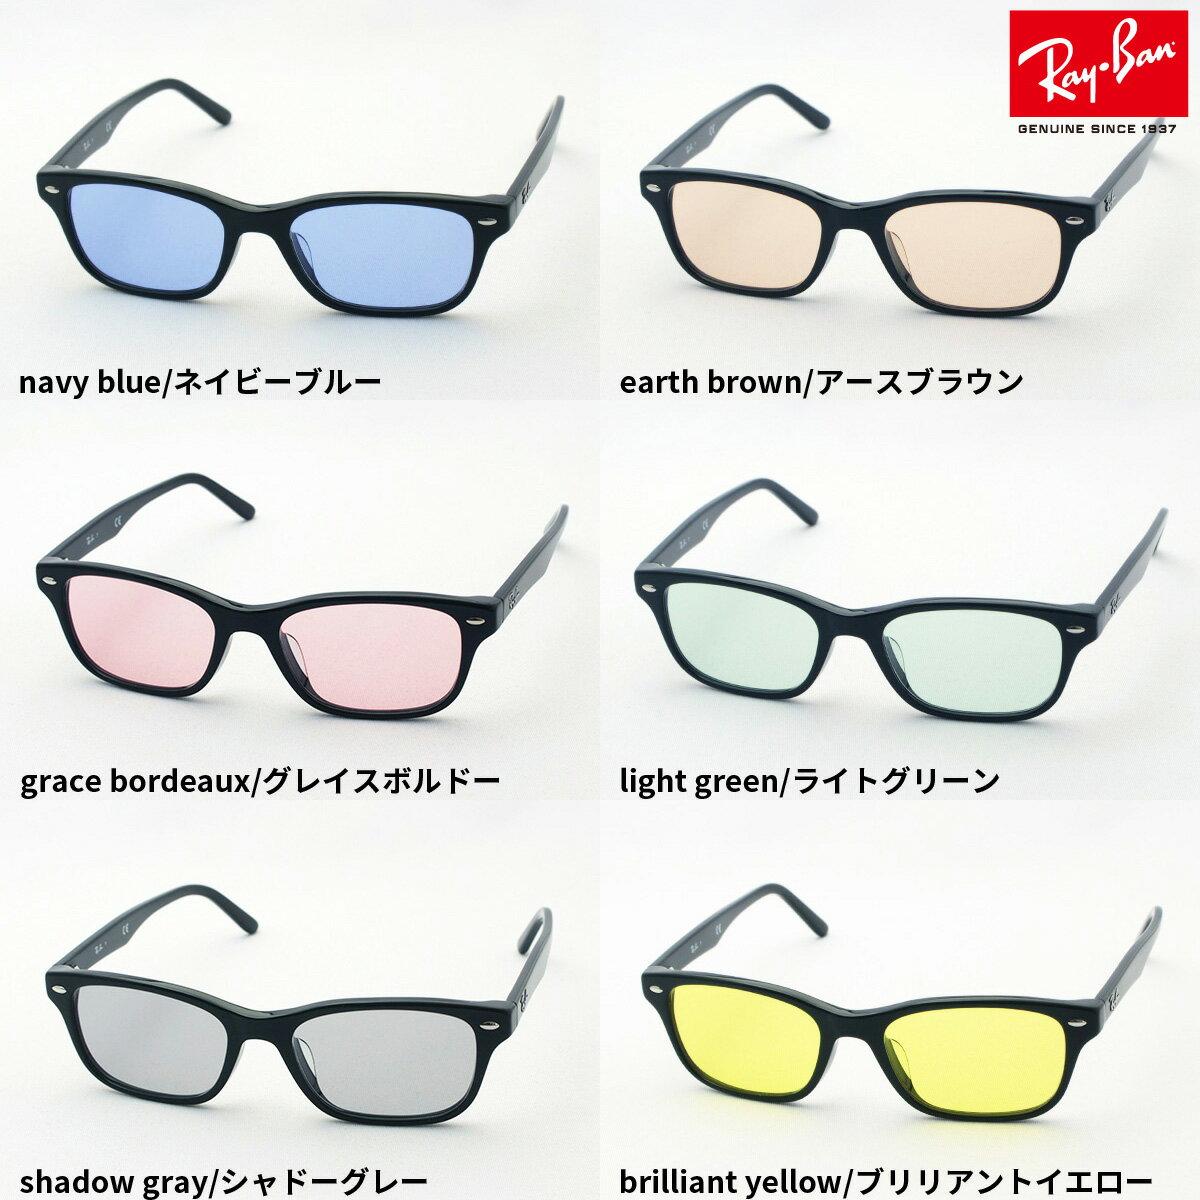 正規レイバン 日本最大級の品揃え レイバン サングラス Ray-Ban RX5345D 2000 世界最高峰レンズメーカーHOYA製 ライトカラー レディース メンズ カラーレンズサングラス ブルーレンズ サングラス メガネ メガネフレーム RayBan light color スクエア